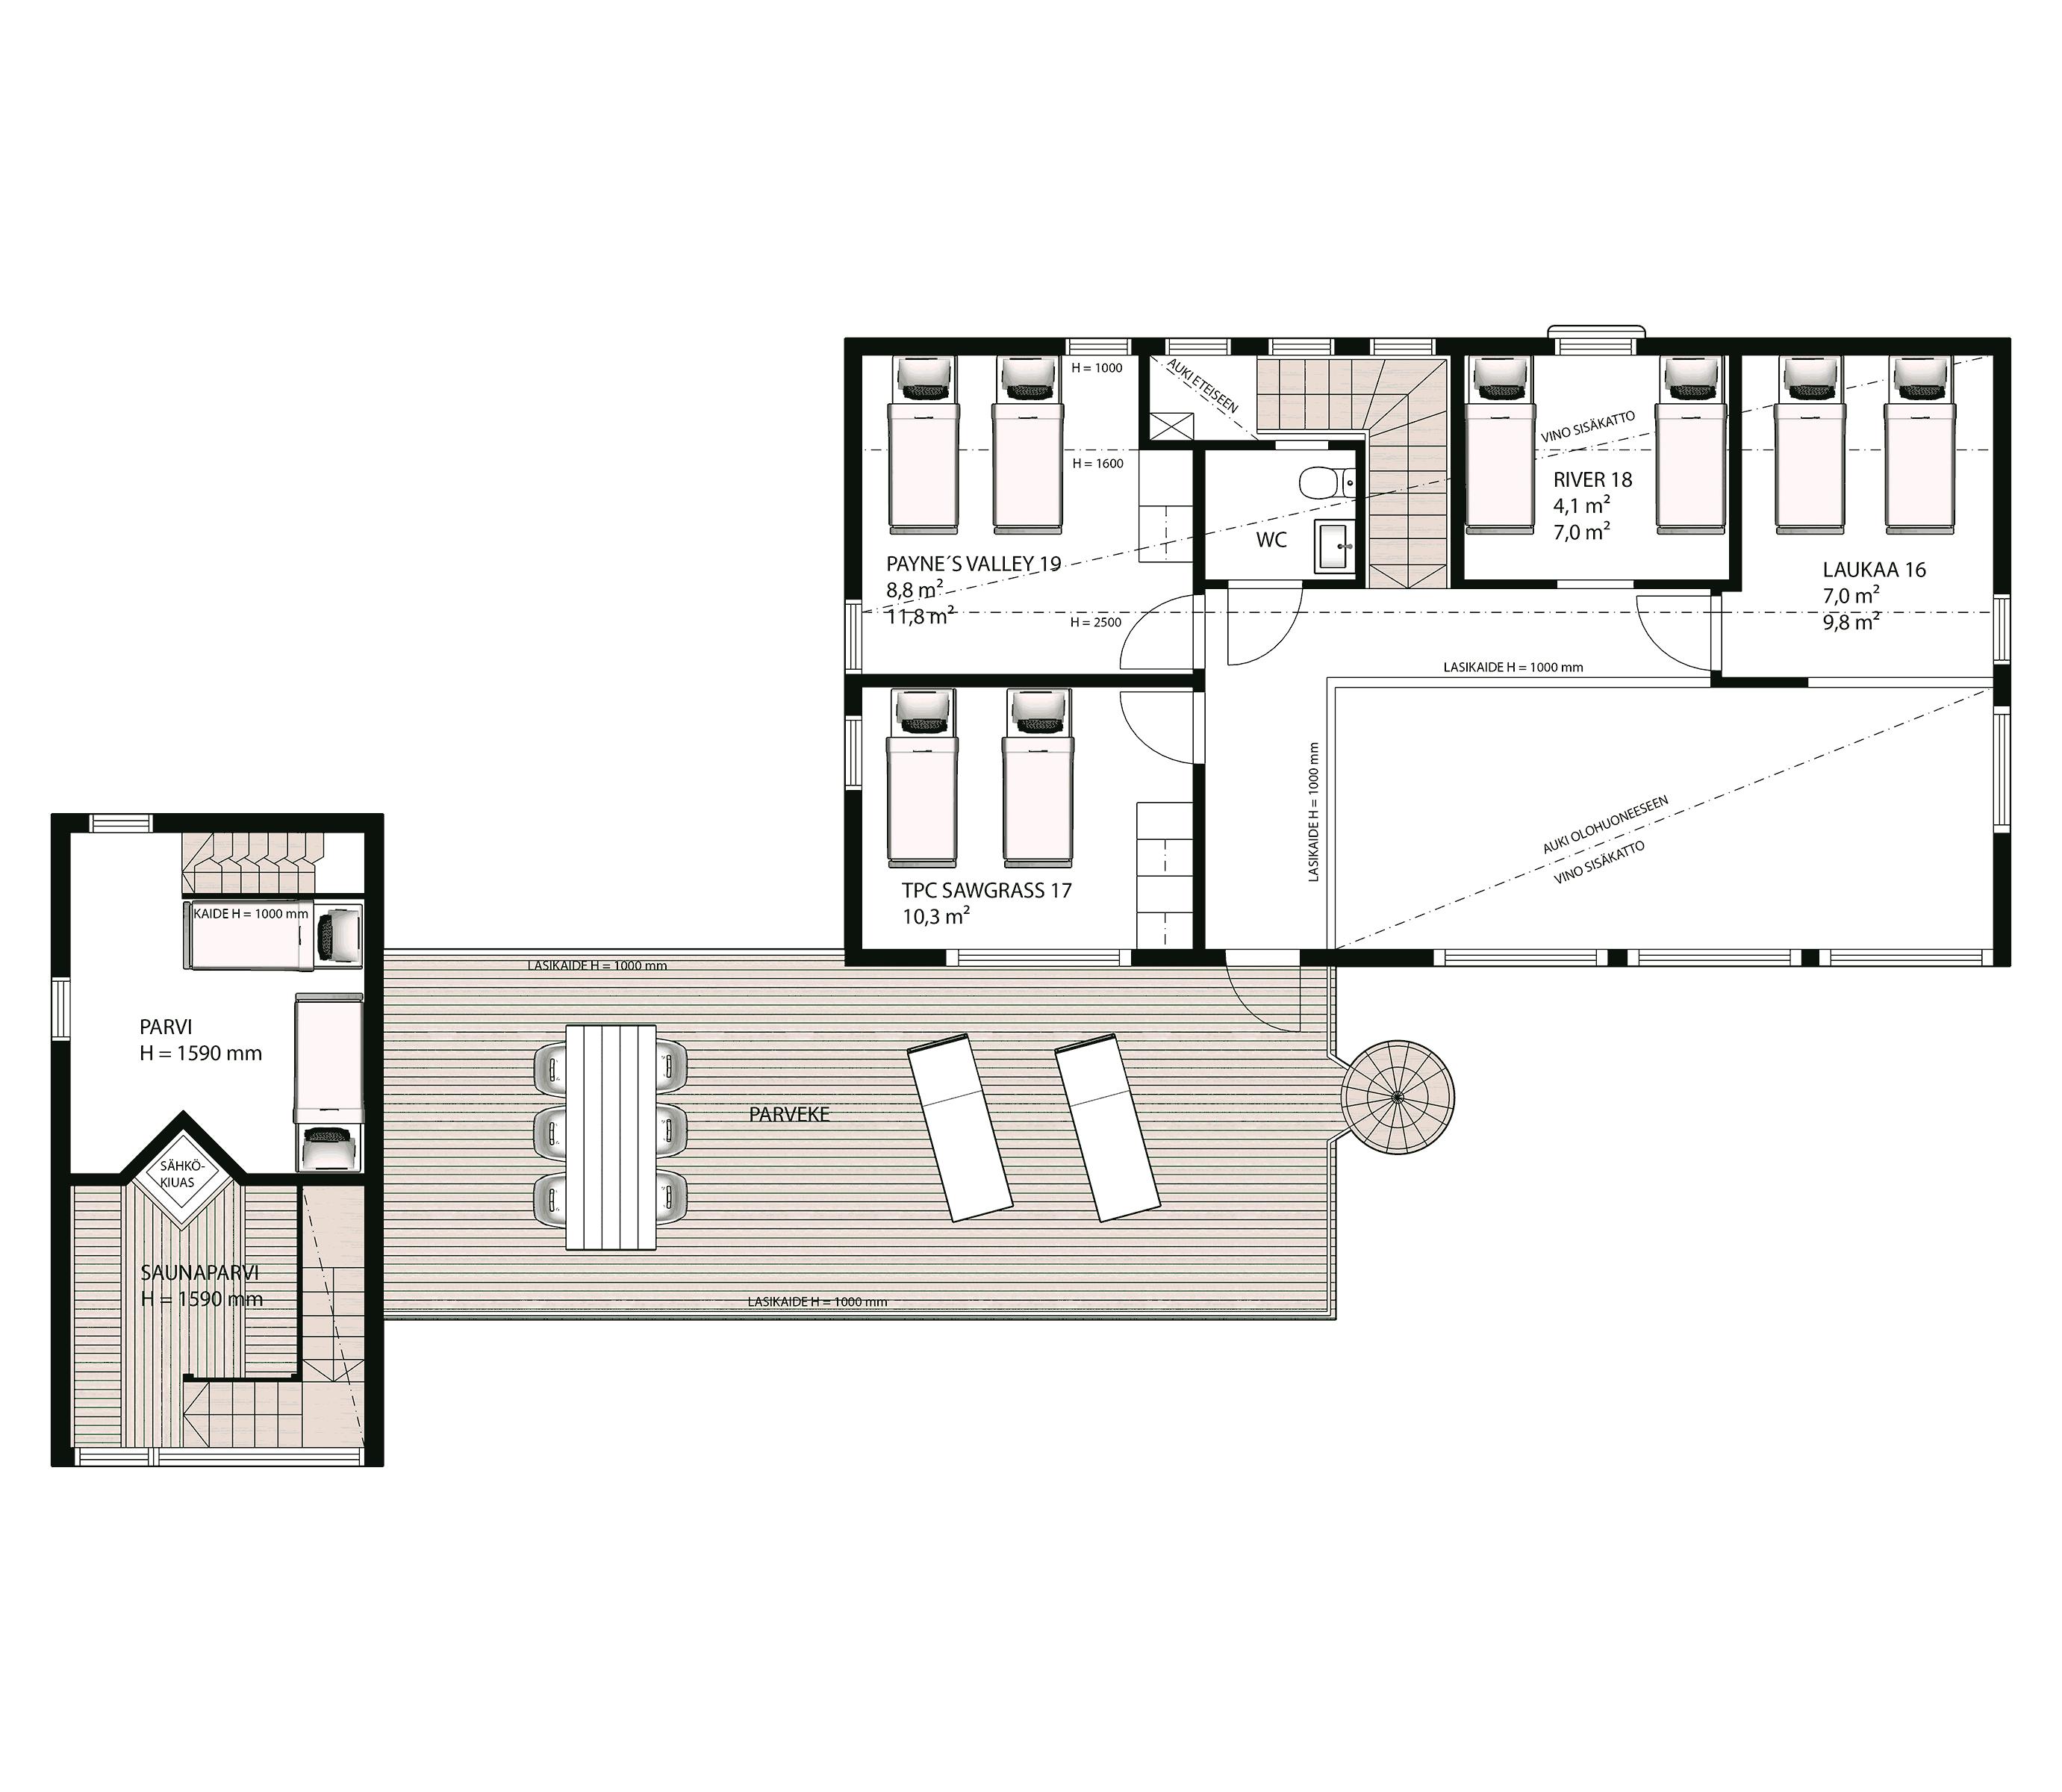 Villagriini pohjakuva: yläkerta